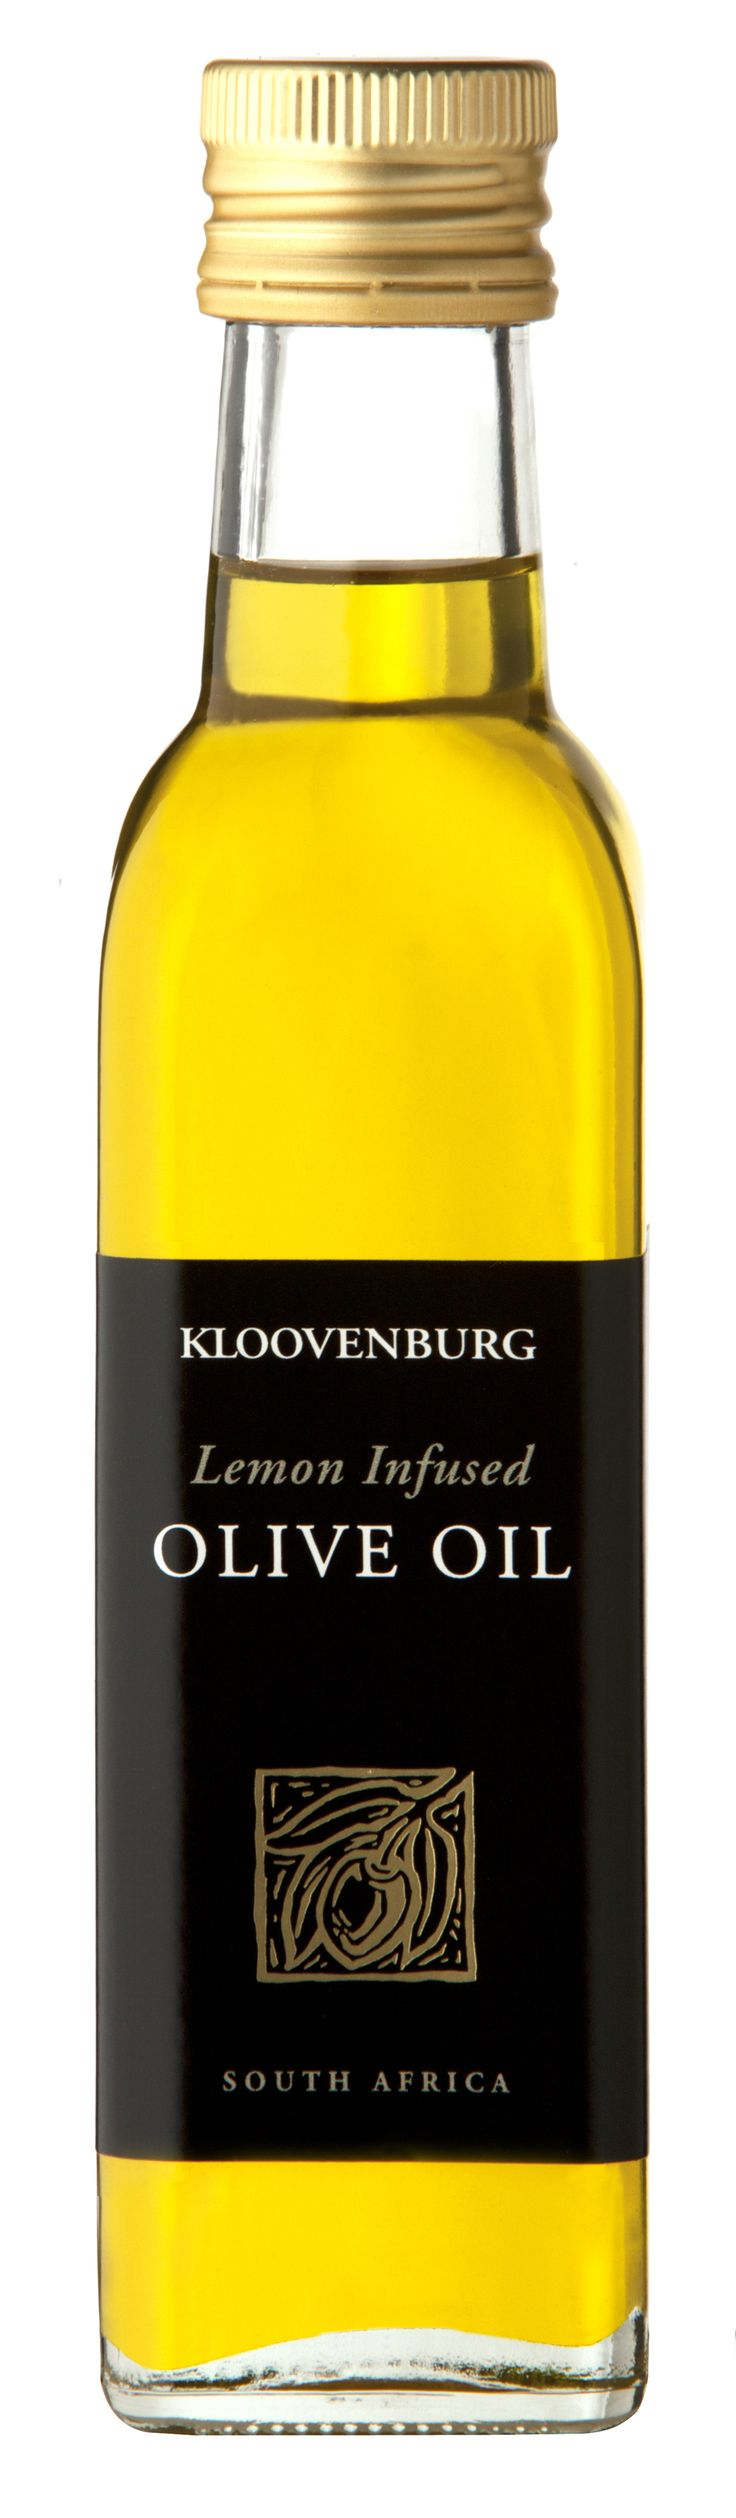 Kloovenburg Lemon Infused Dipping Oil